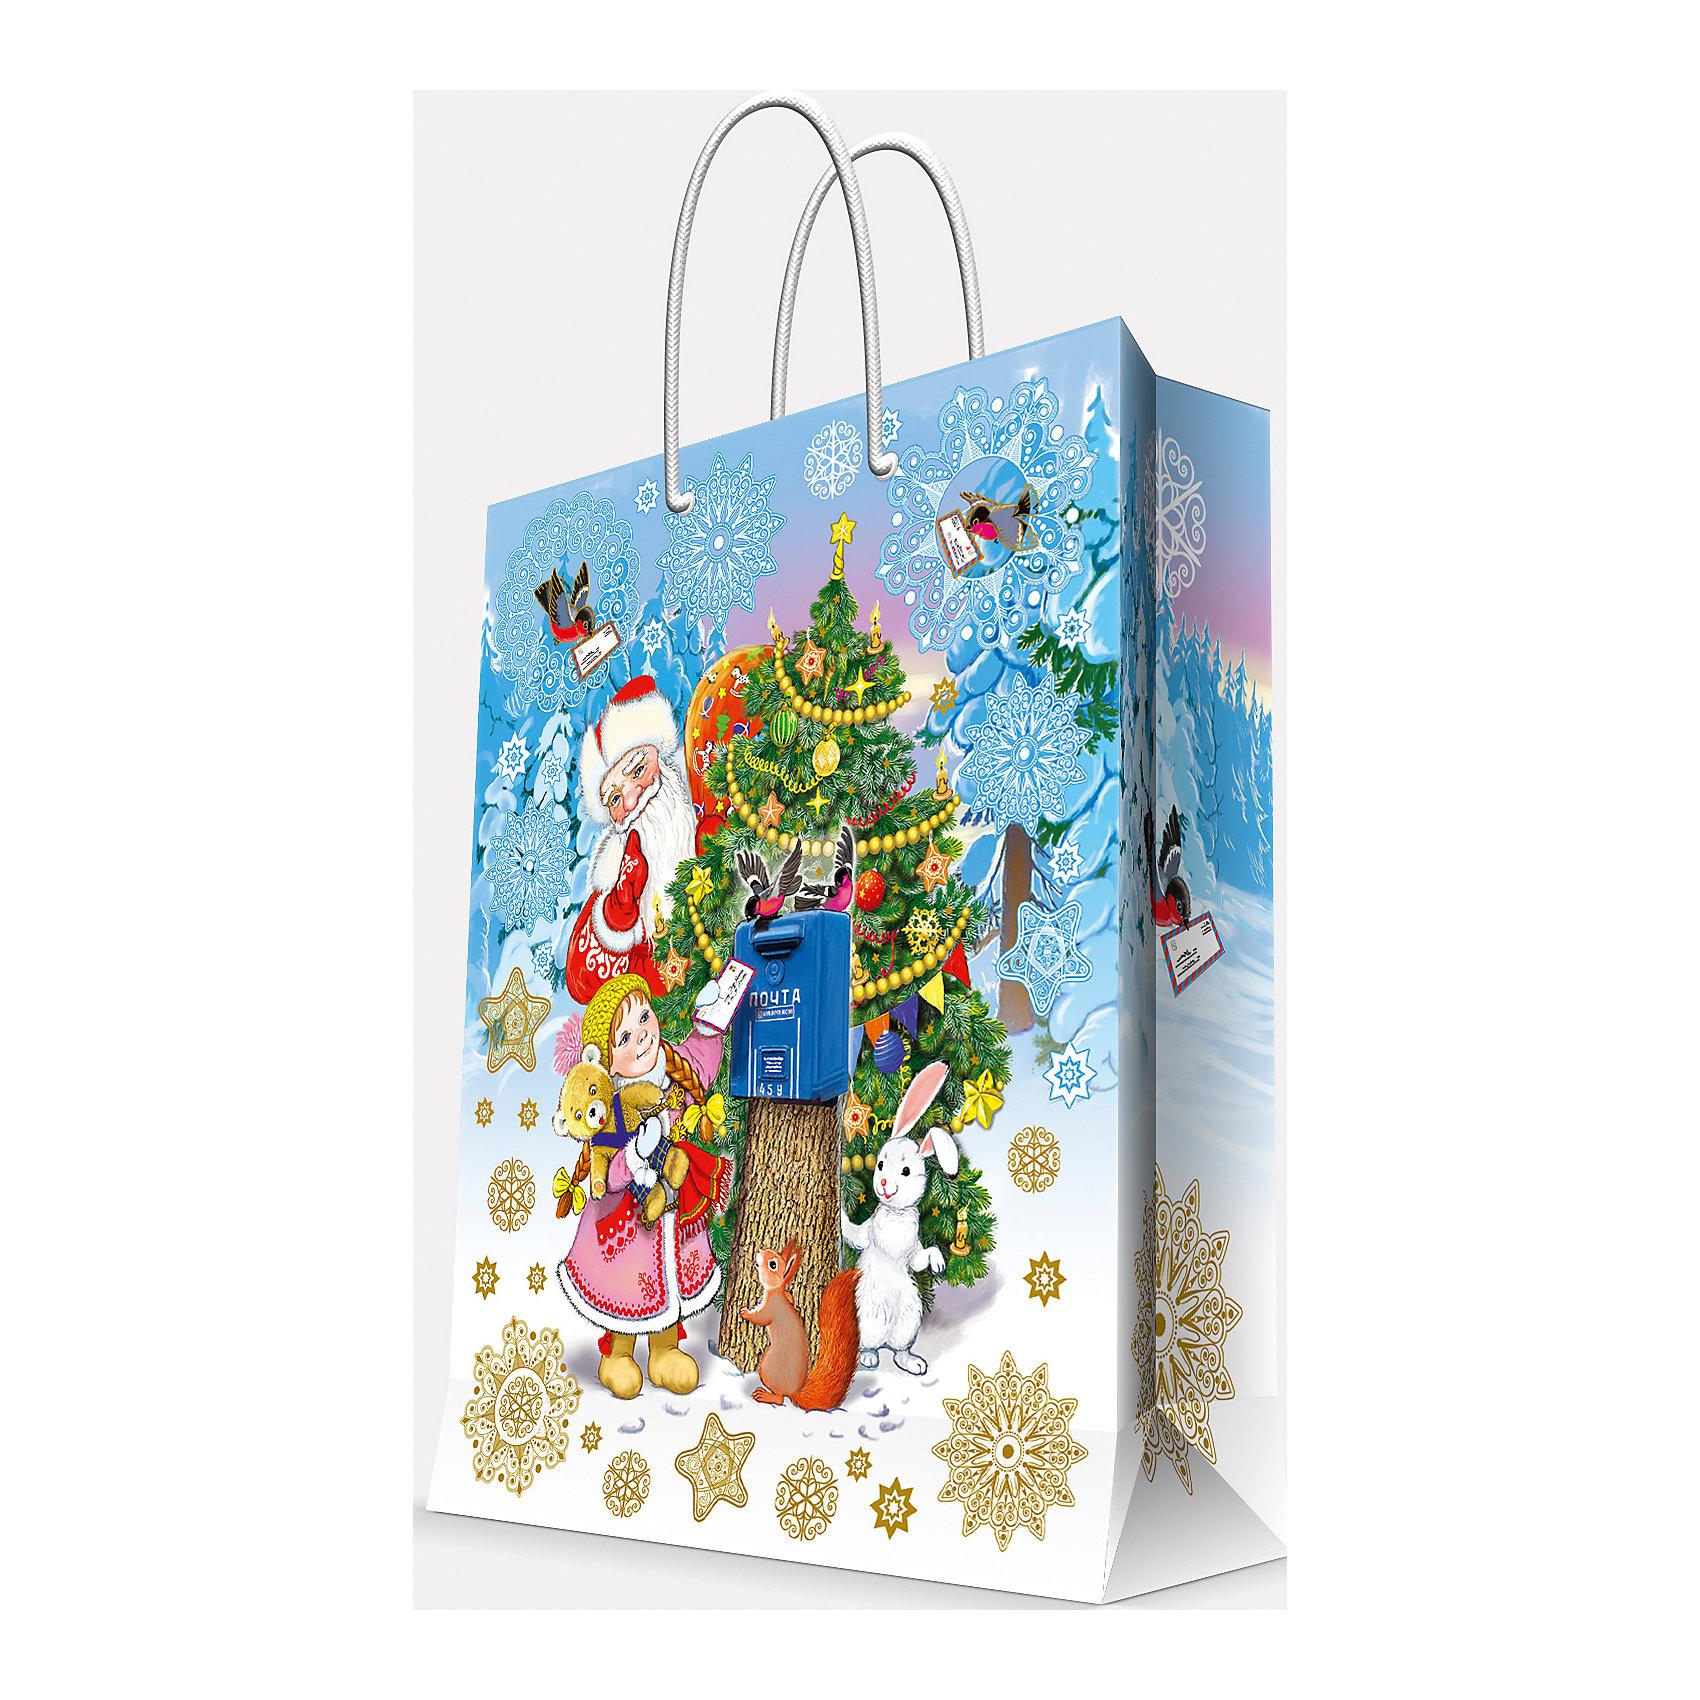 Подарочный пакет Почта Деда Мороза 26*32,4*12,7 смВсё для праздника<br>Приближение Нового года не может не радовать! Праздничное настроение создает украшенный дом, наряженная ёлка, запах мандаринов, предновогодняя суета и, конечно же, подарки! Чтобы сделать момент вручения приятнее, нужен красивый подарочный пакет.<br>Этот пакет украшен симпатичным универсальным рисунком, поэтому в него можно упаковать подарок и родственнику, и коллеге. Он сделан из безопасного для детей, прочного, но легкого, материала. Создайте с ним праздничное настроение себе и близким!<br><br>Дополнительная информация:<br><br>плотность бумаги: 140 г/м2;<br>размер: 26 х 32 х 13 см;<br>с ламинацией;<br>украшен рисунком.<br><br>Подарочный пакет Почта Деда Мороза 26*32,4*12,7 см можно купить в нашем магазине.<br><br>Ширина мм: 260<br>Глубина мм: 234<br>Высота мм: 127<br>Вес г: 71<br>Возраст от месяцев: 36<br>Возраст до месяцев: 2147483647<br>Пол: Унисекс<br>Возраст: Детский<br>SKU: 4981600